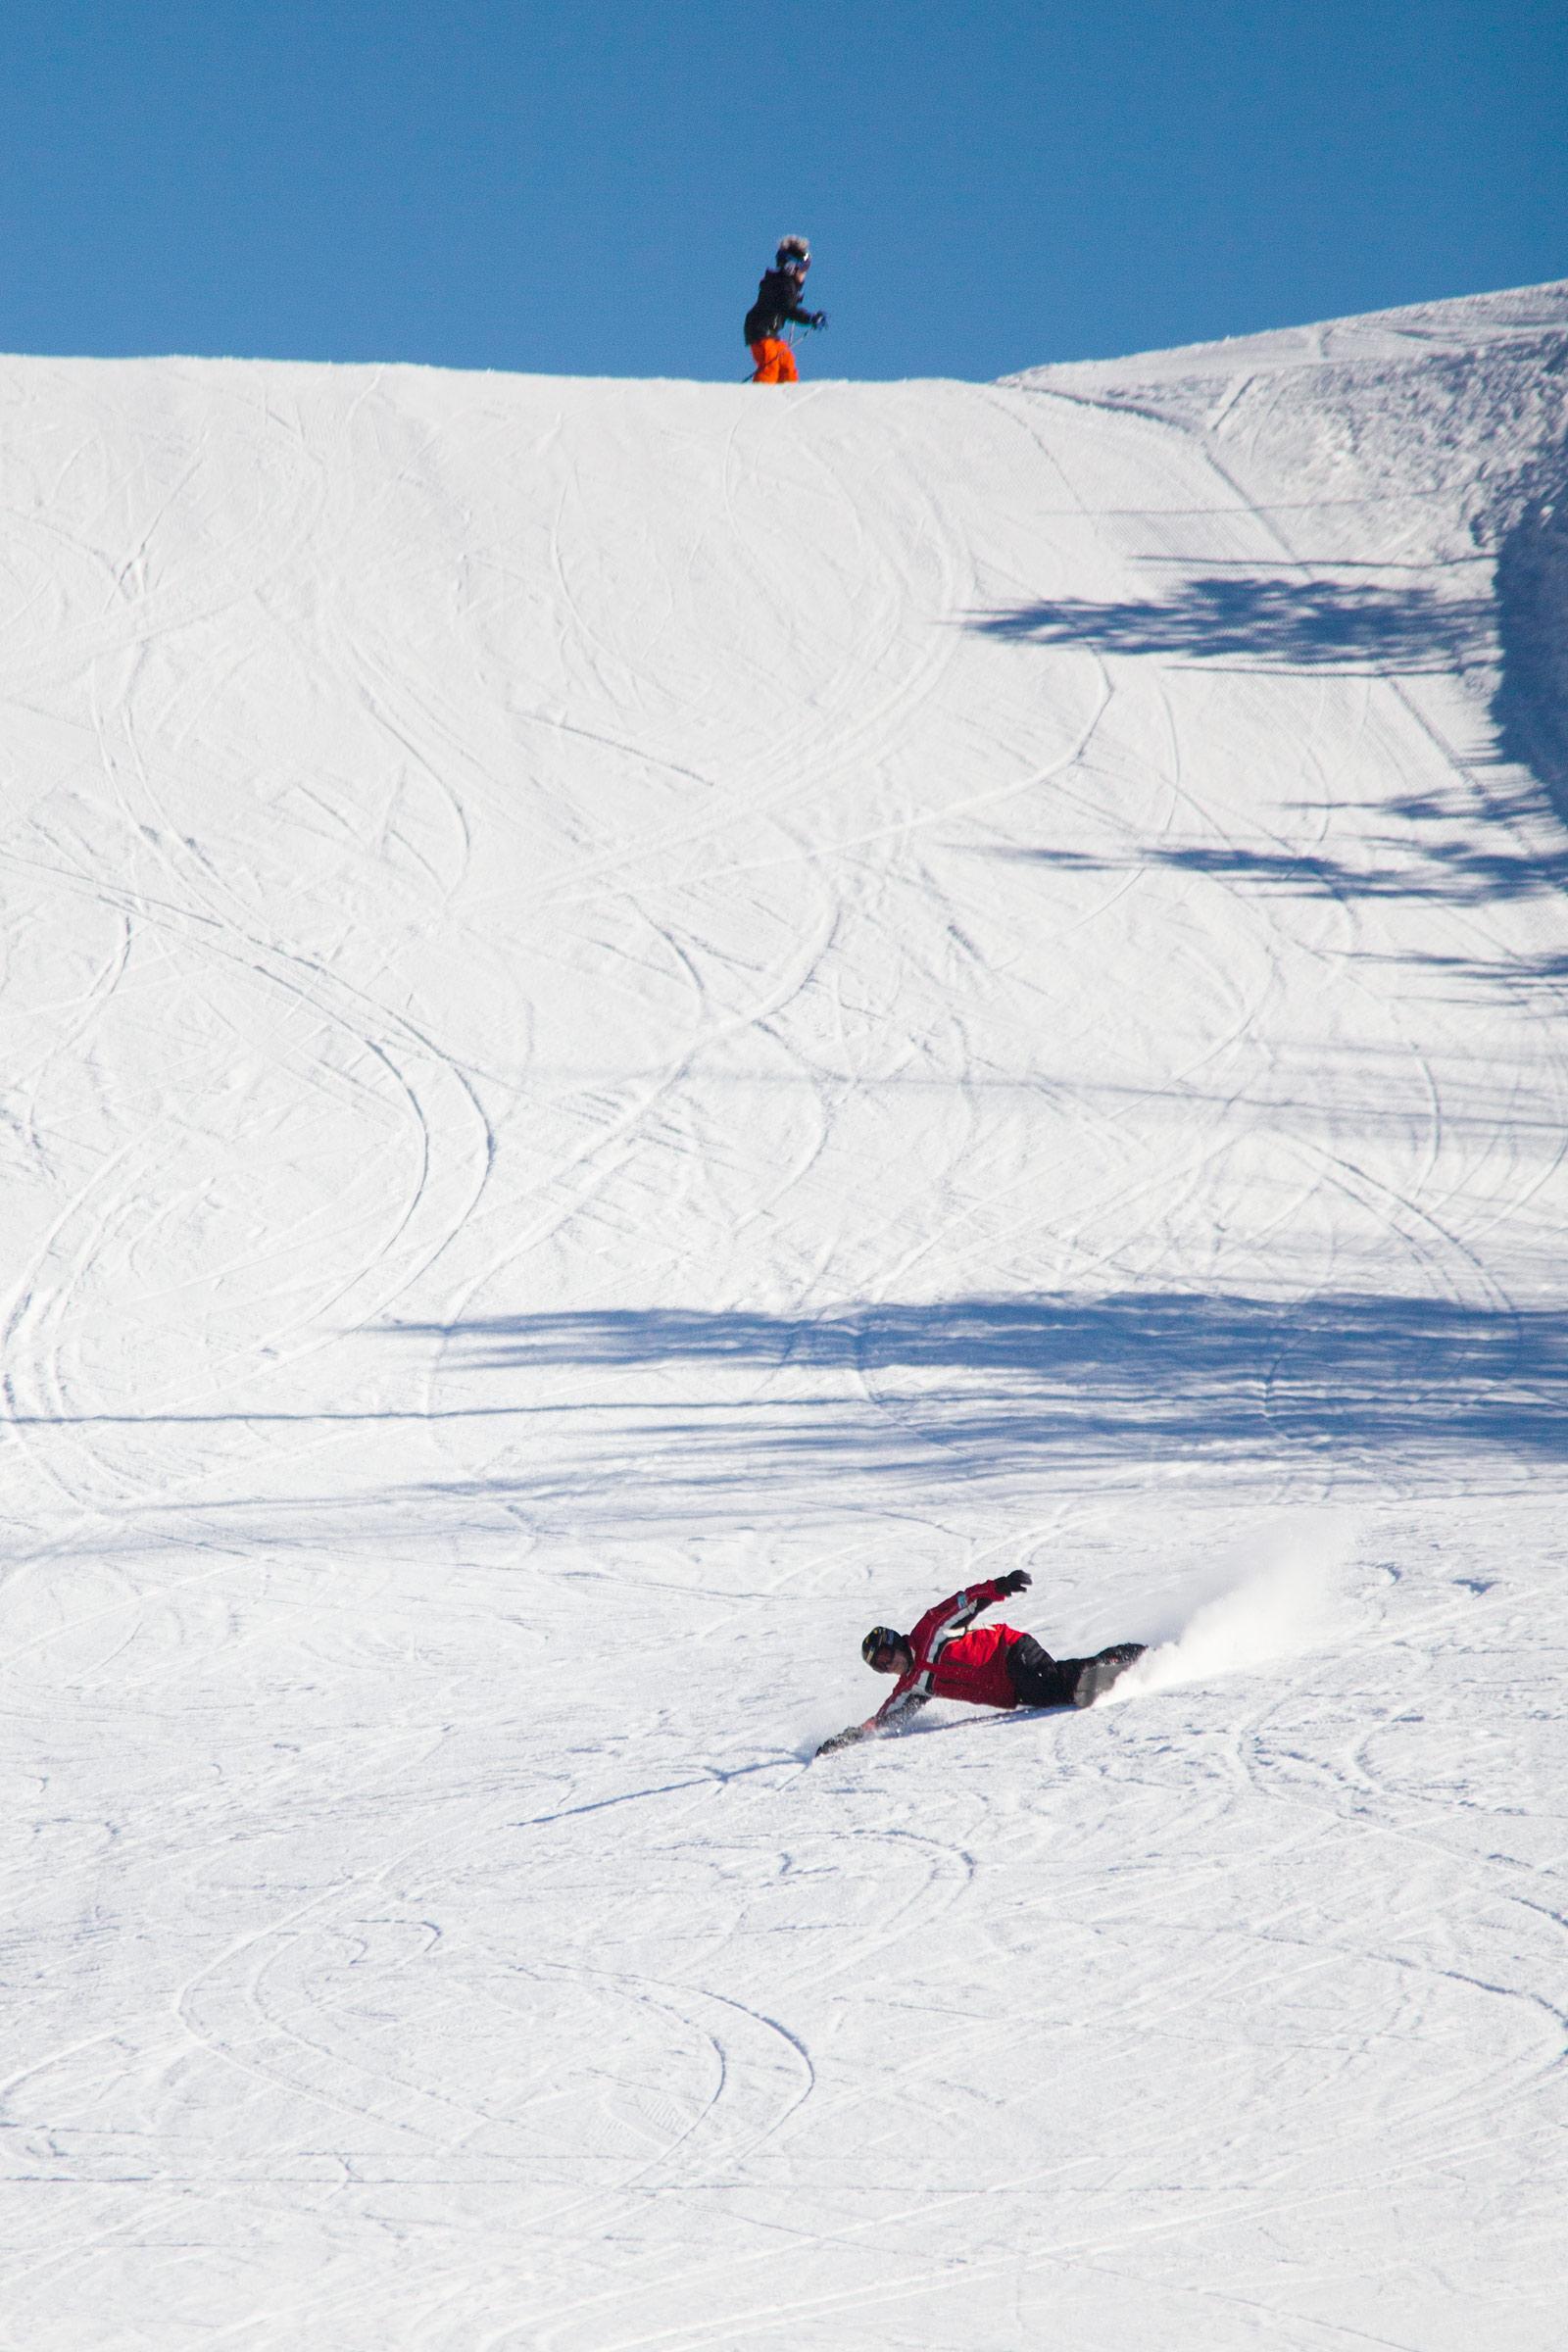 Osaavammat ratalaudalla laskevat saavat kantattua näyttävästi kylki lumen pintaa viistäen.